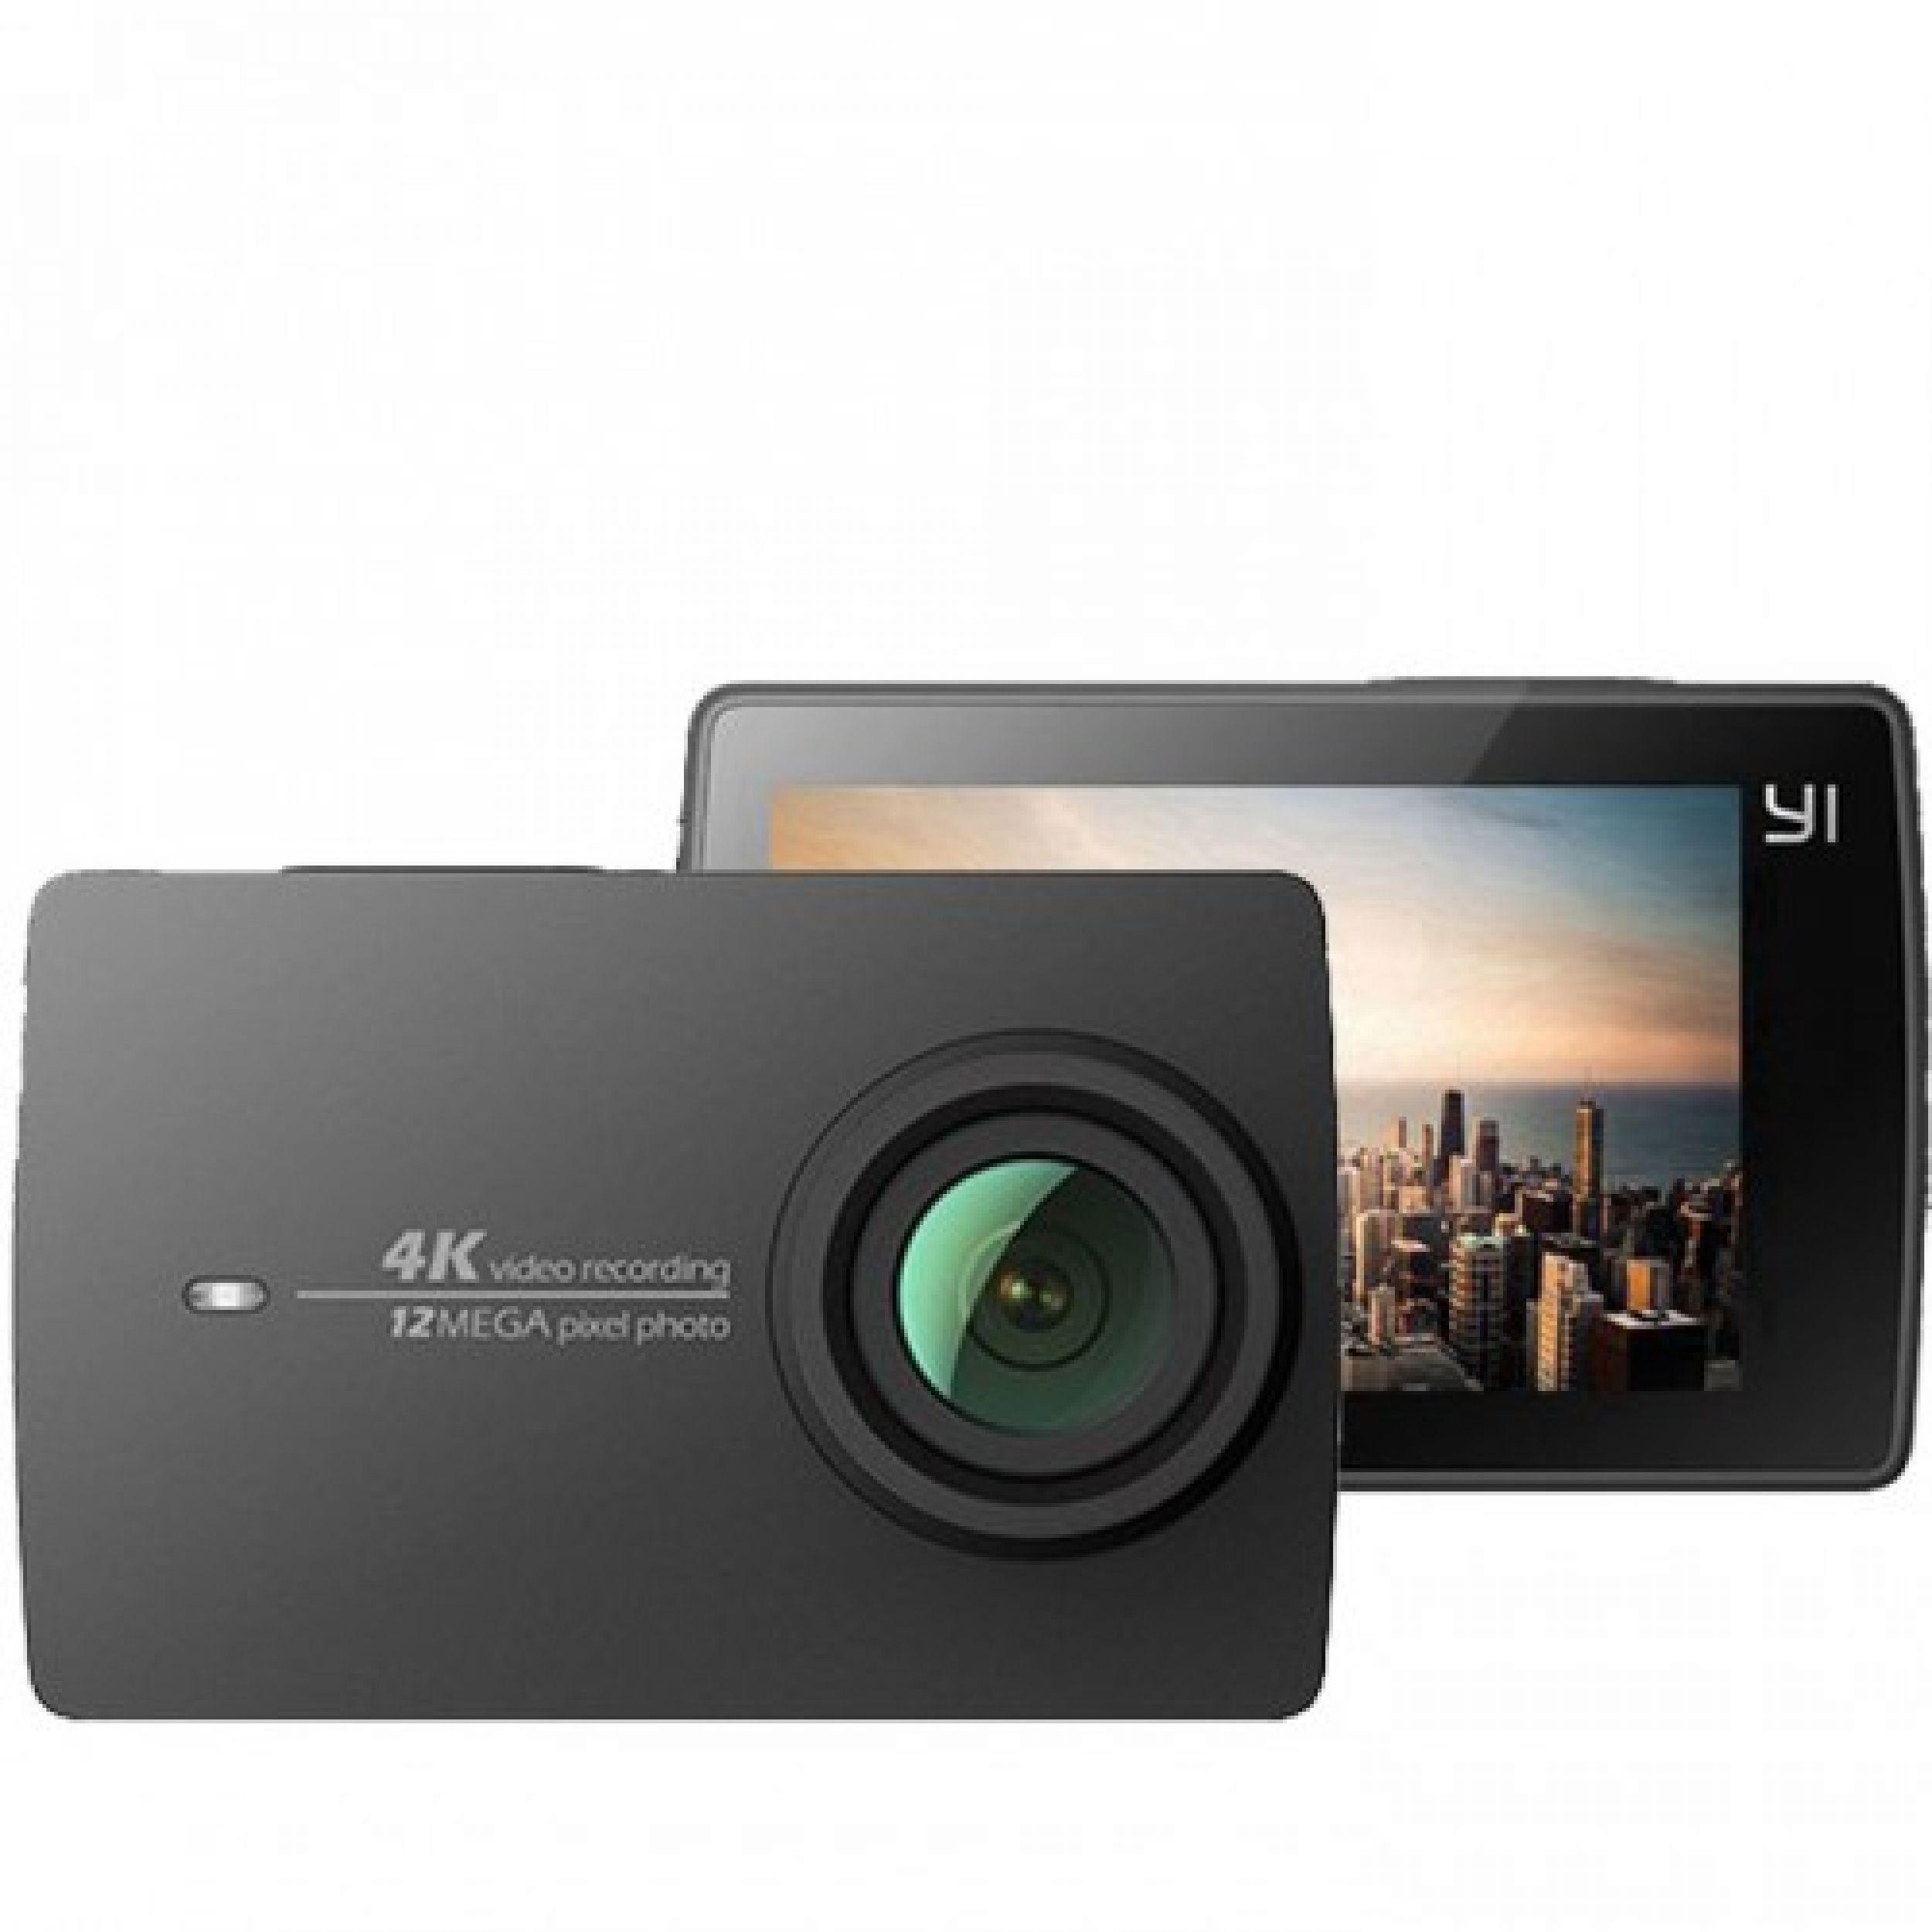 Xiaomi-Yi-4K-Action-Camera-500x500.jpg